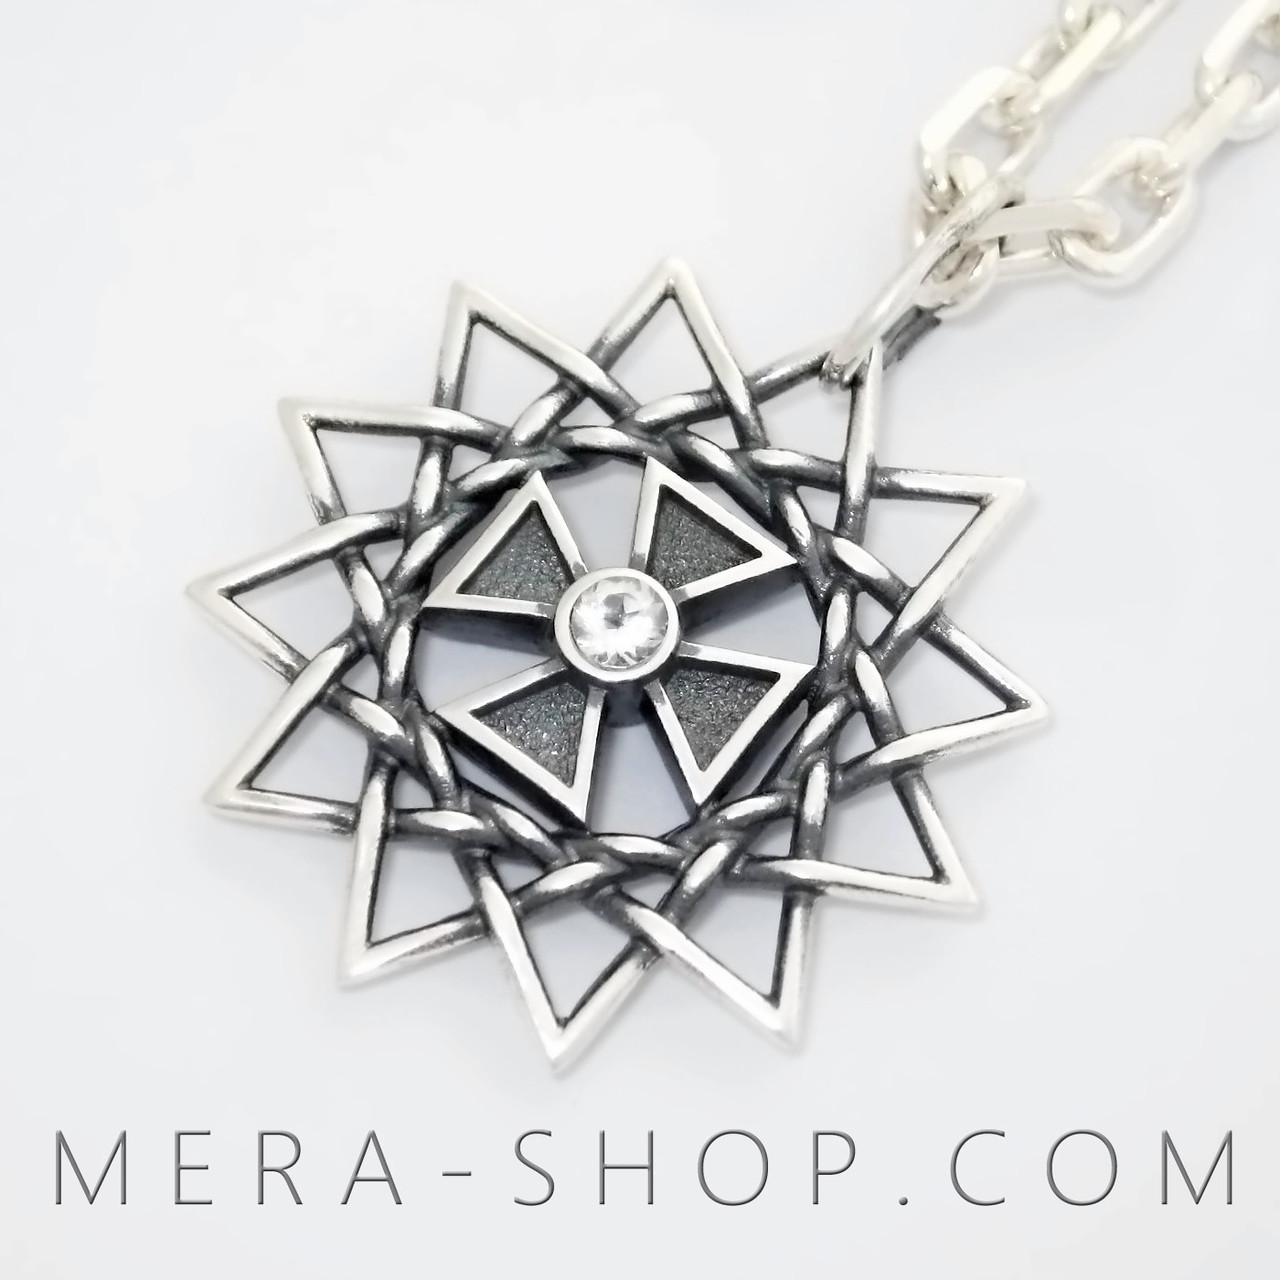 Звезда Эрцгаммы из серебра 925 пробы двухсторонняя, кулон с фианитами (30 мм, 5.3 г)